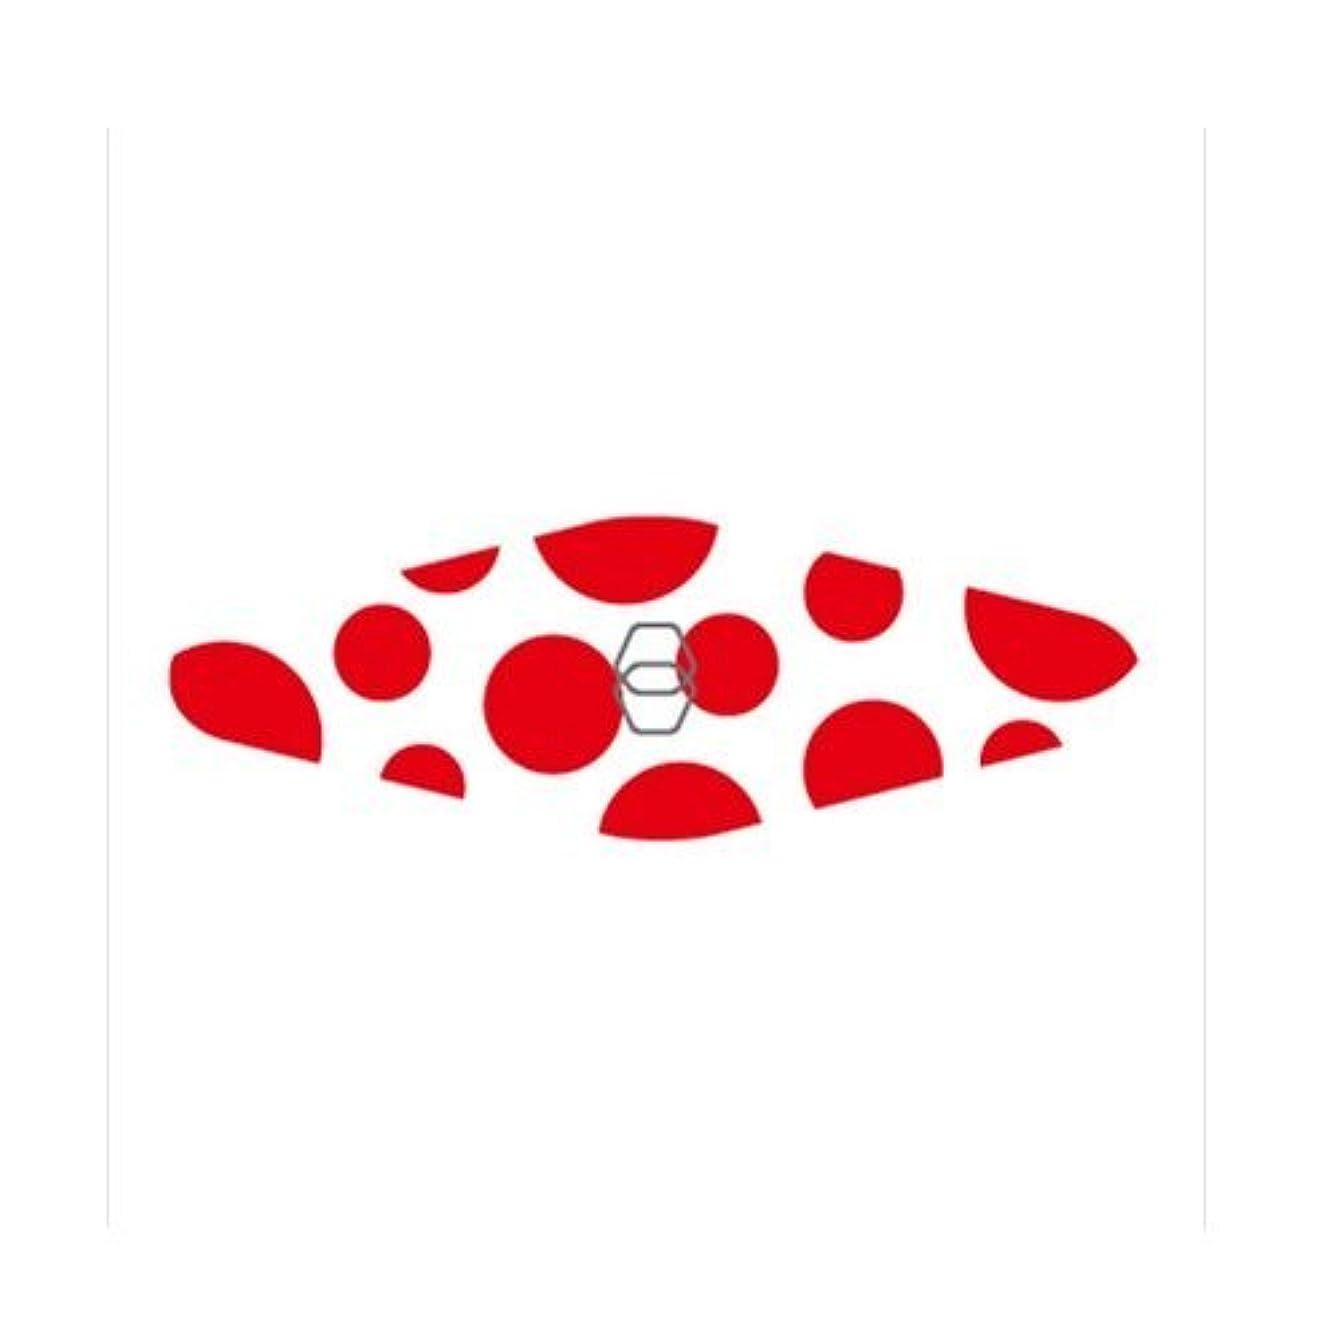 麻痺させるバンジージャンプ意気消沈したGOEI DIAMOND ダイヤモンド爪やすり キャリー(赤ドット)